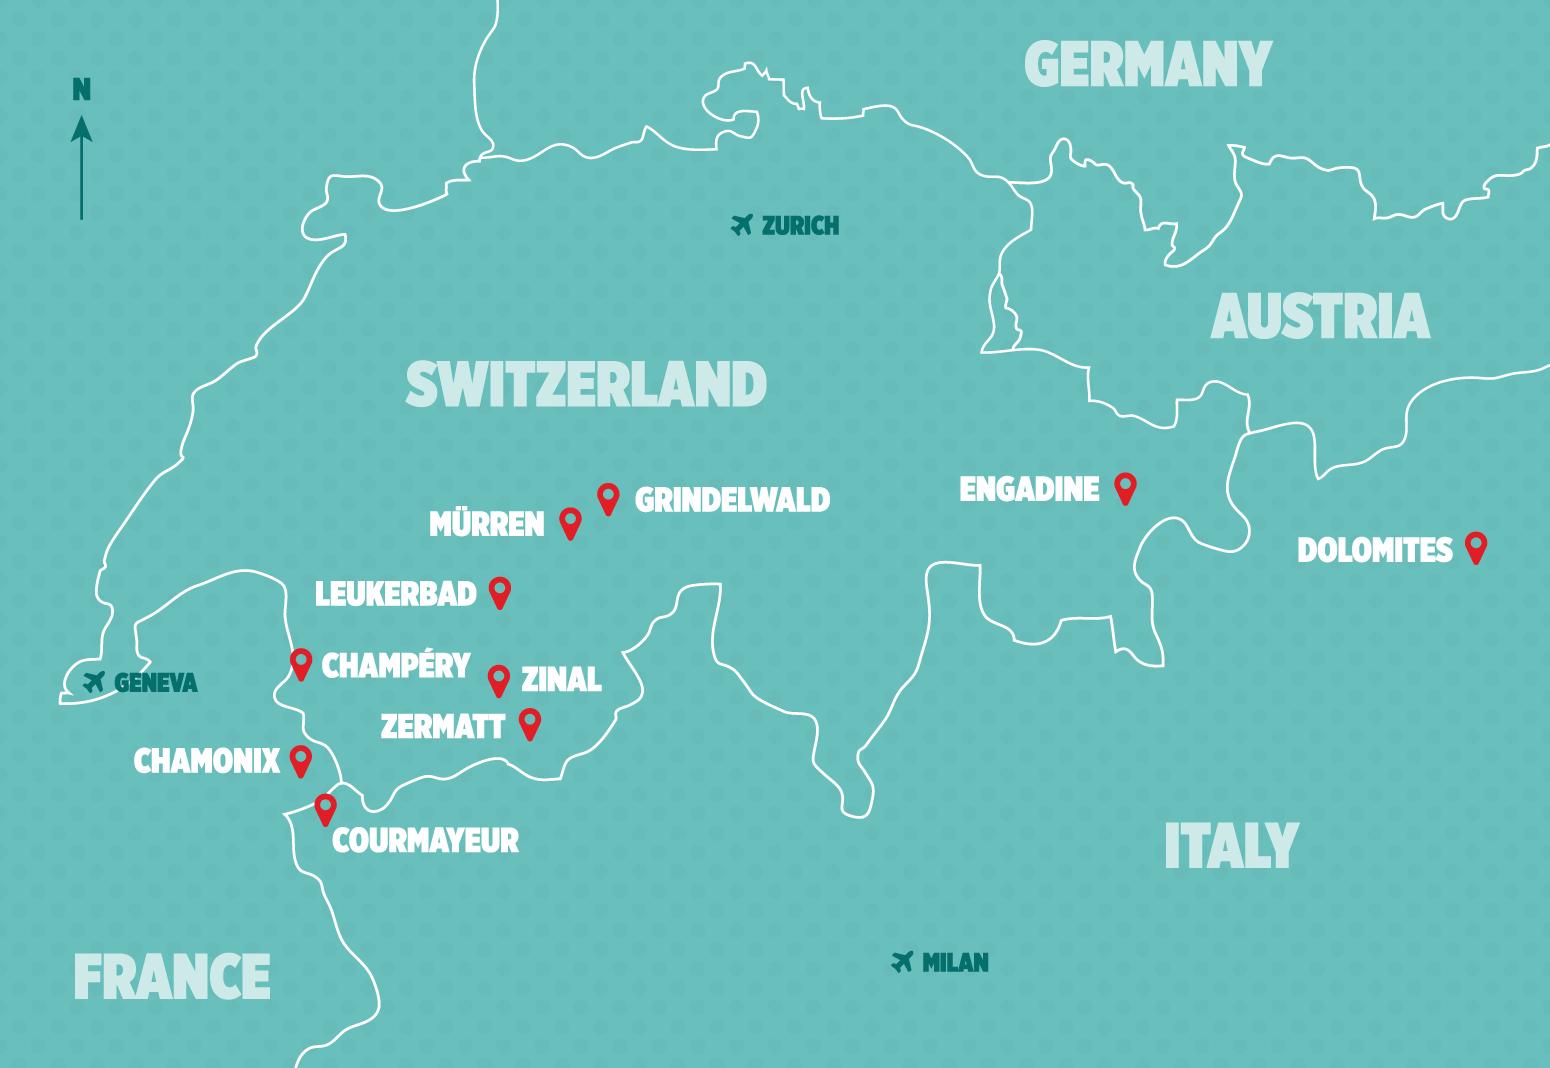 Rta map